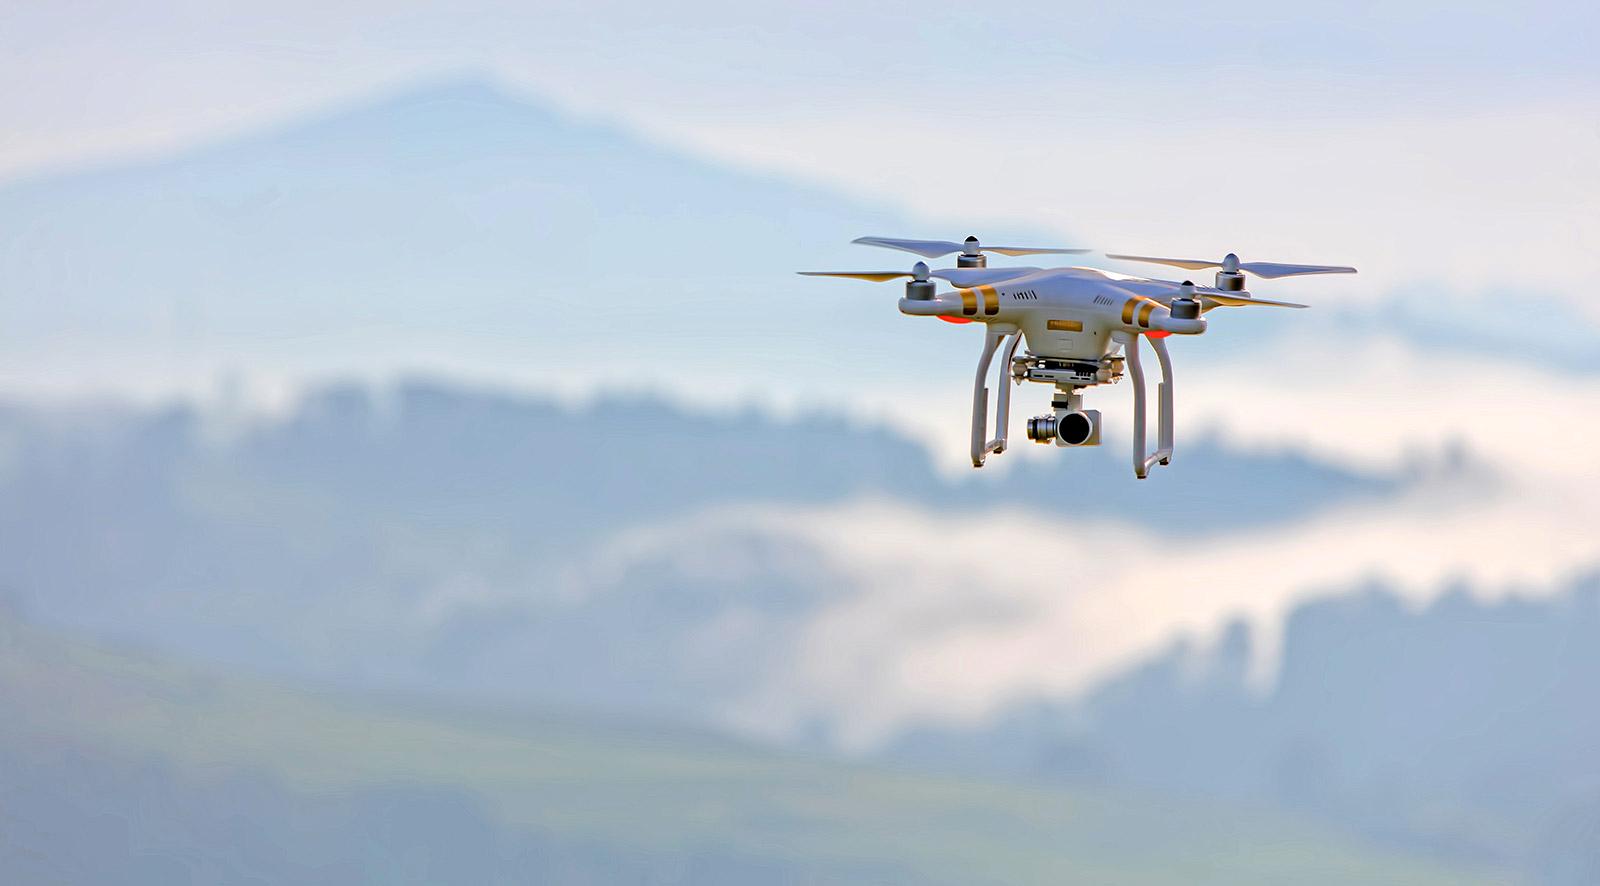 Utilisation de mini-drones en soutien aux forces